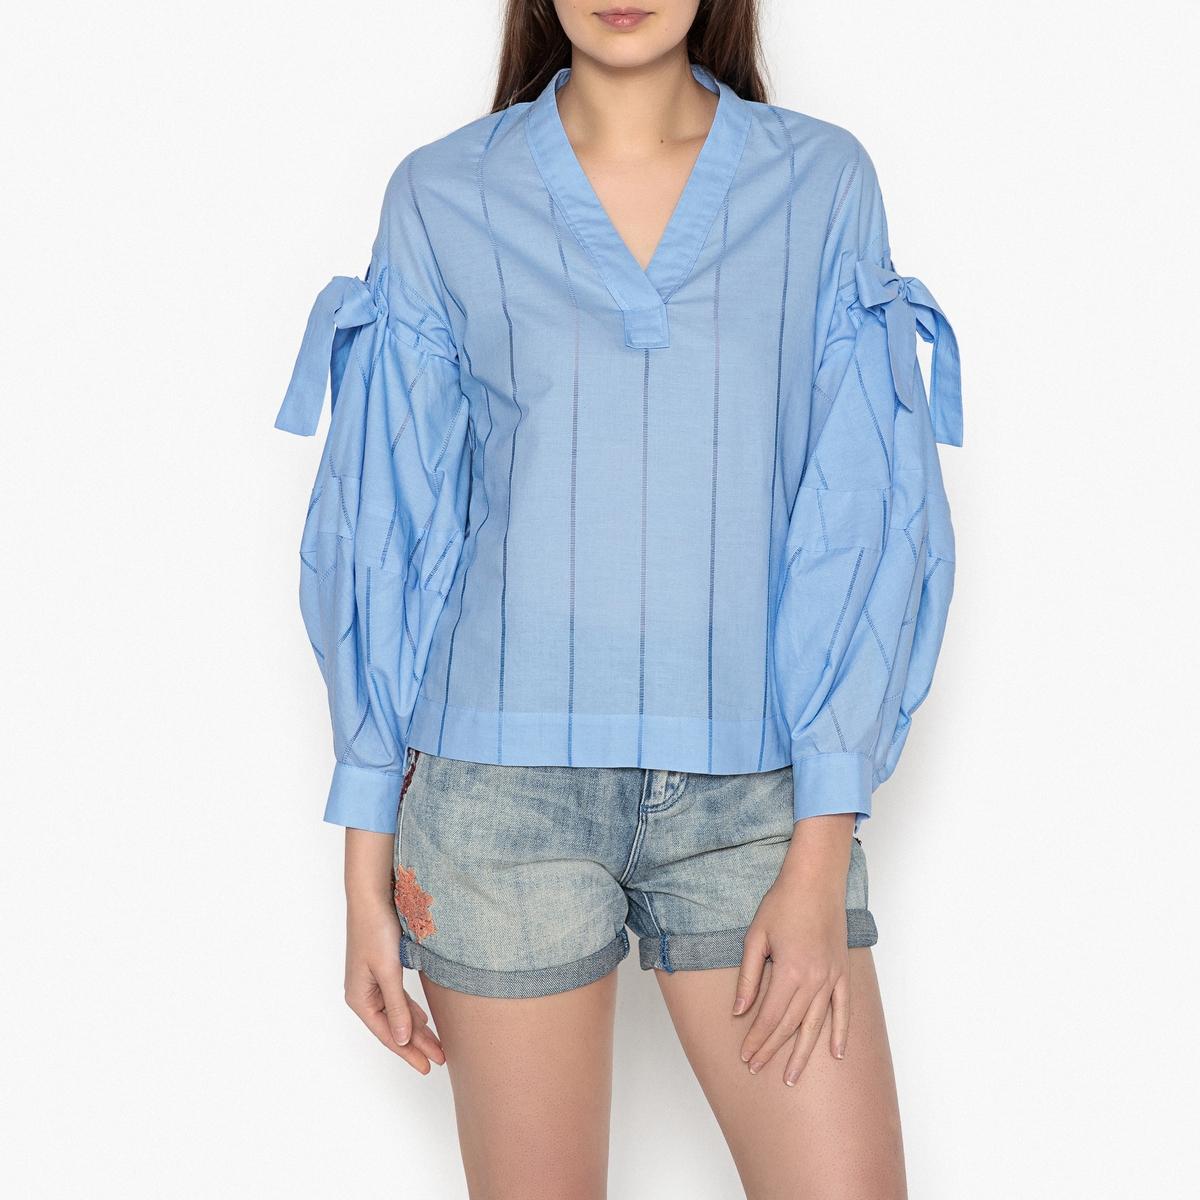 Блузка MAISON SCOTCH 6349203 от LaRedoute